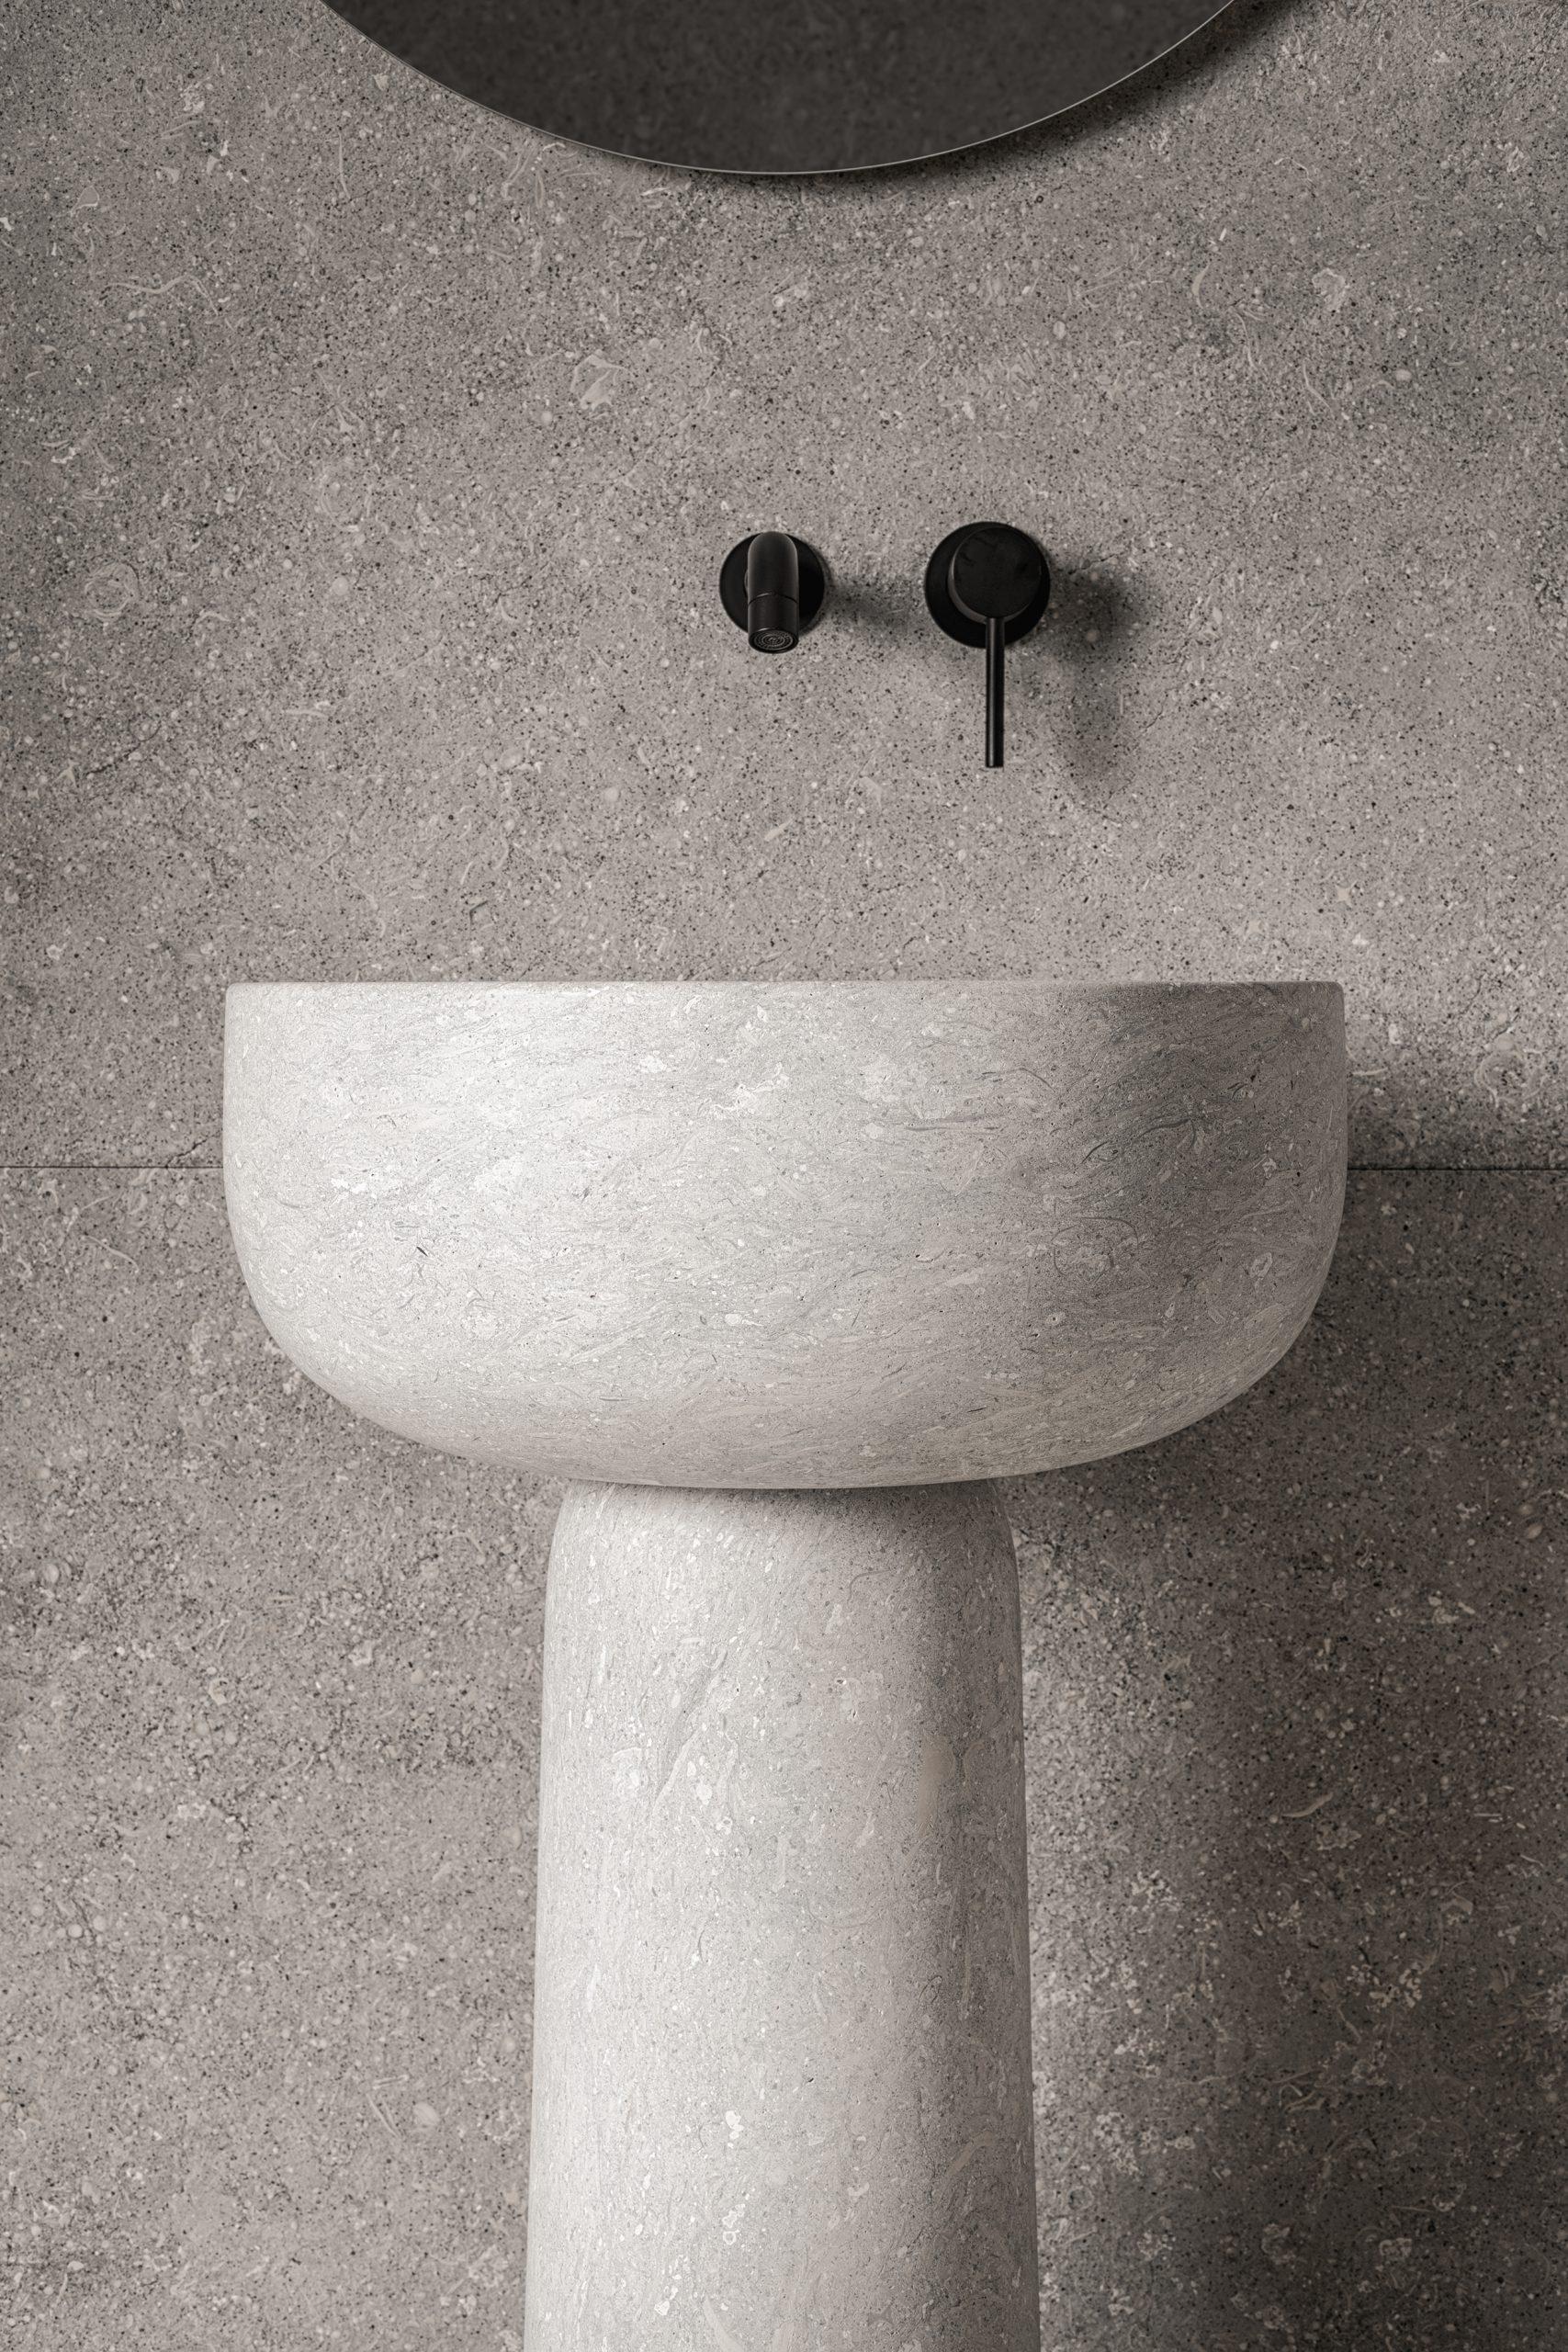 Tetide freestanding washbowl in Pietra di Vicenza stone, designed by Debiasi Sandri for Grassi Pietre